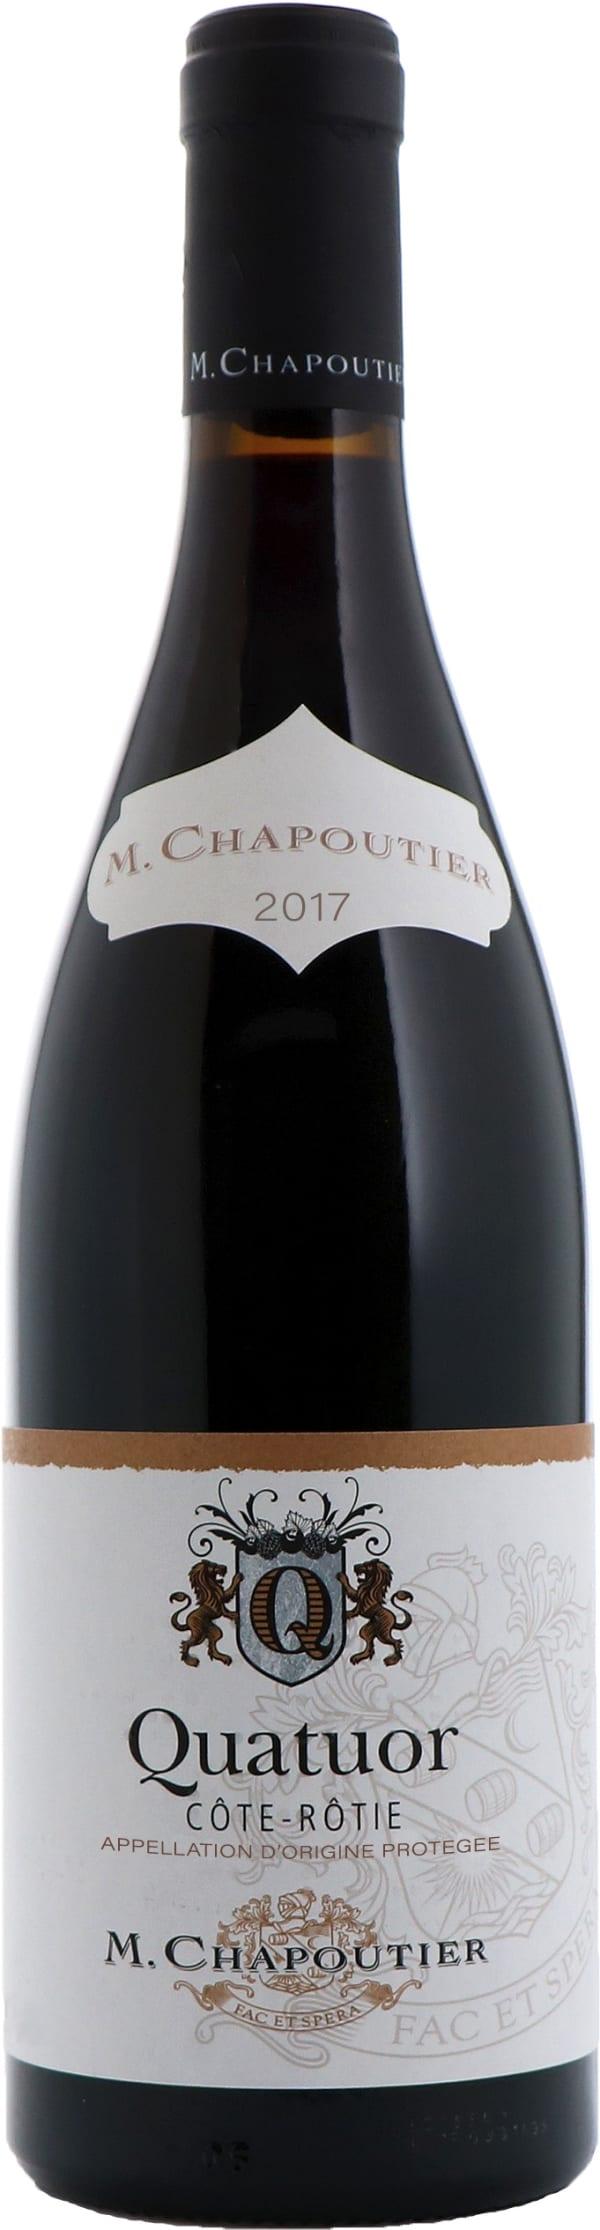 M. Chapoutier Côte-Rôtie Quatuor 2017